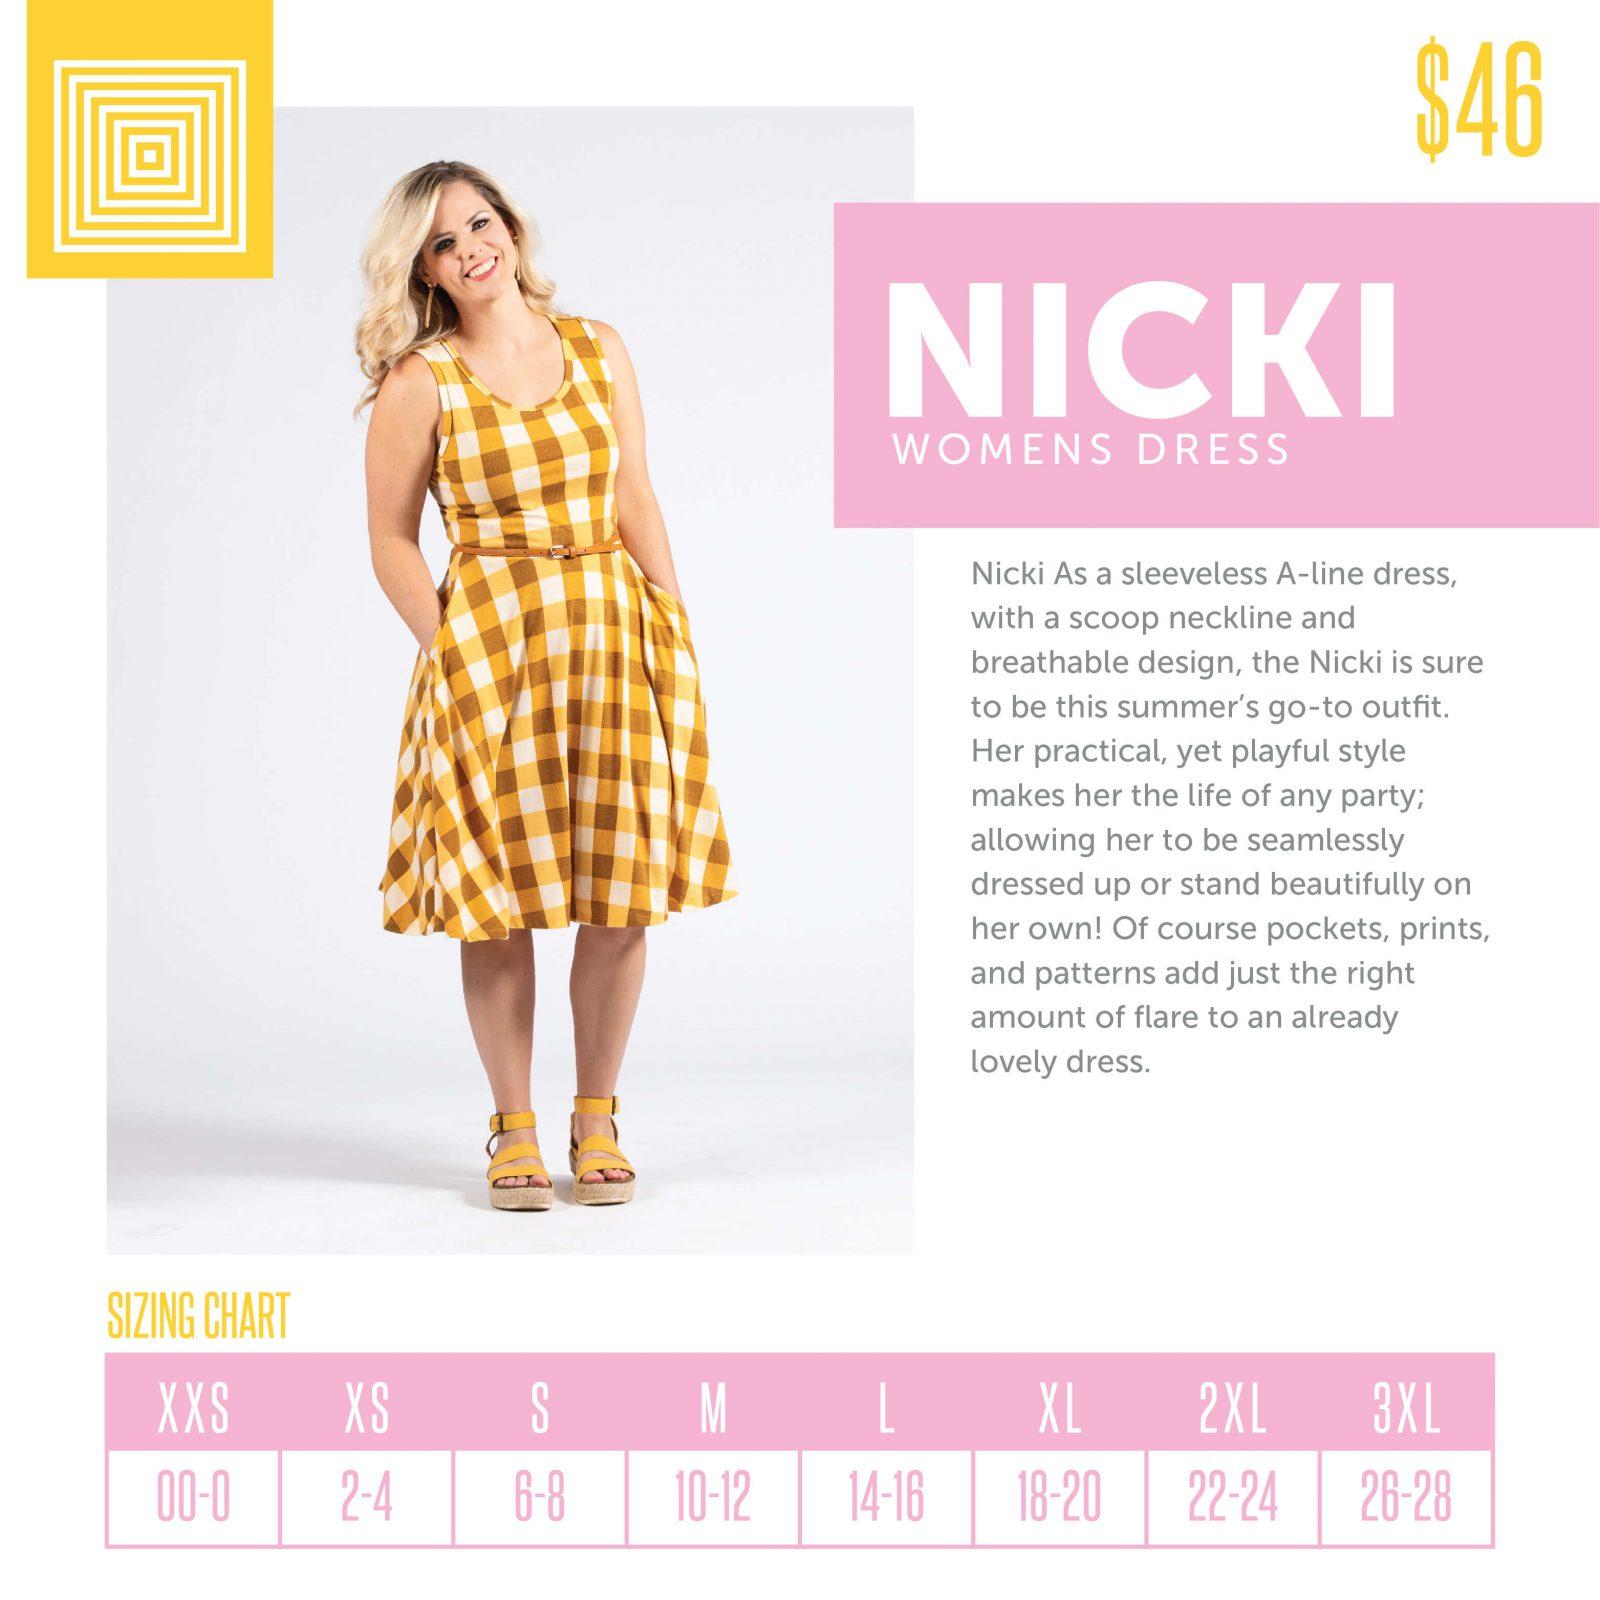 Lularoe Nicki Dress Size Chart